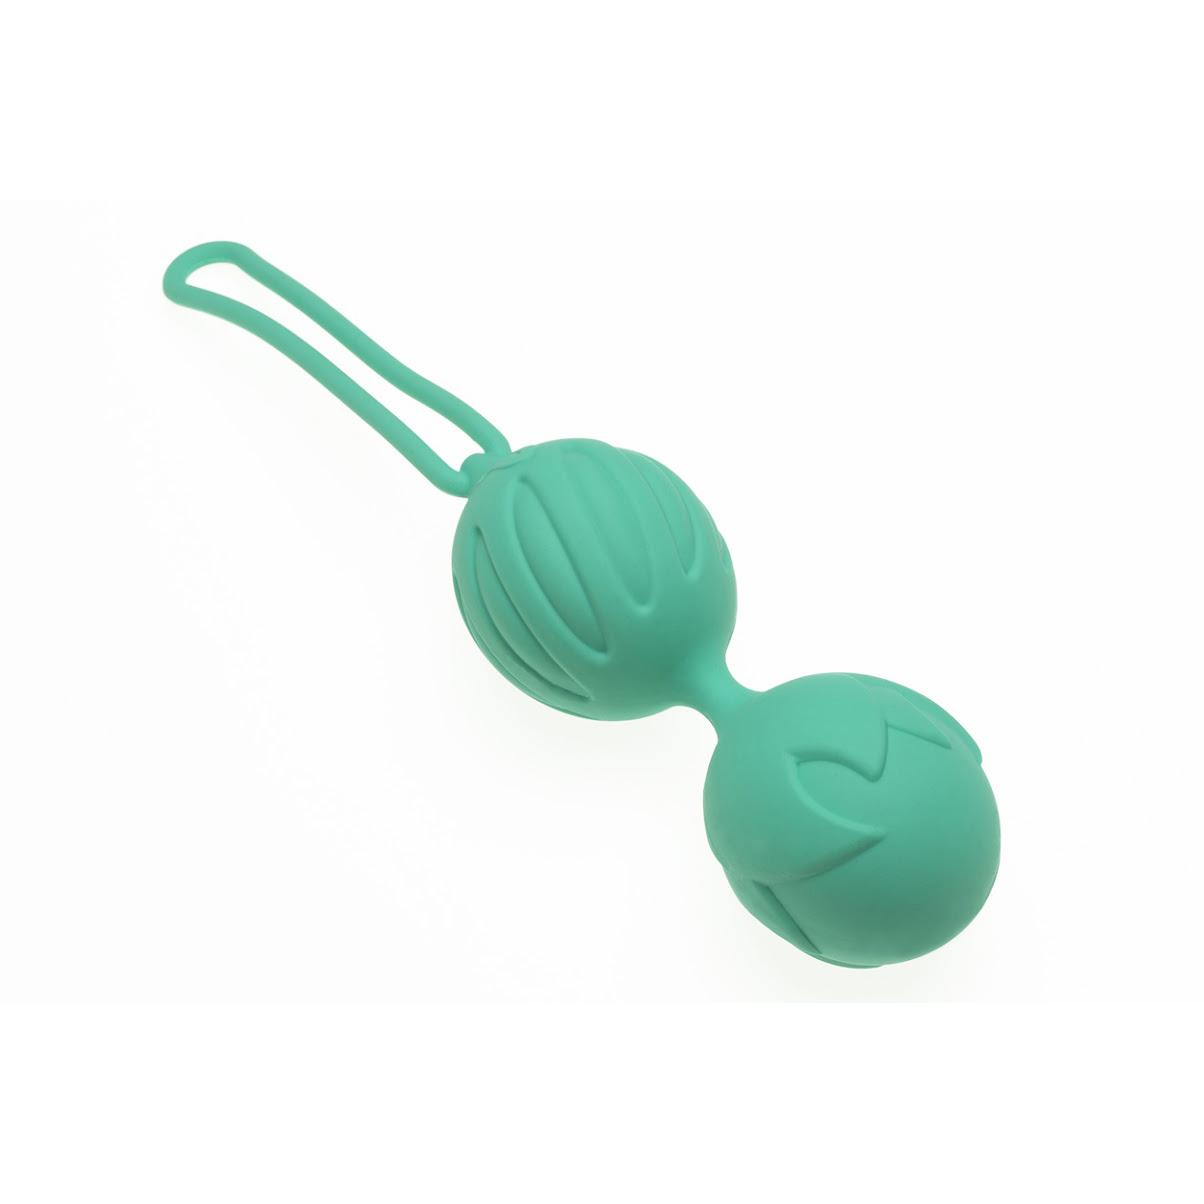 Вагинальные шарики Geisha Lastic Balls, голубой (S)